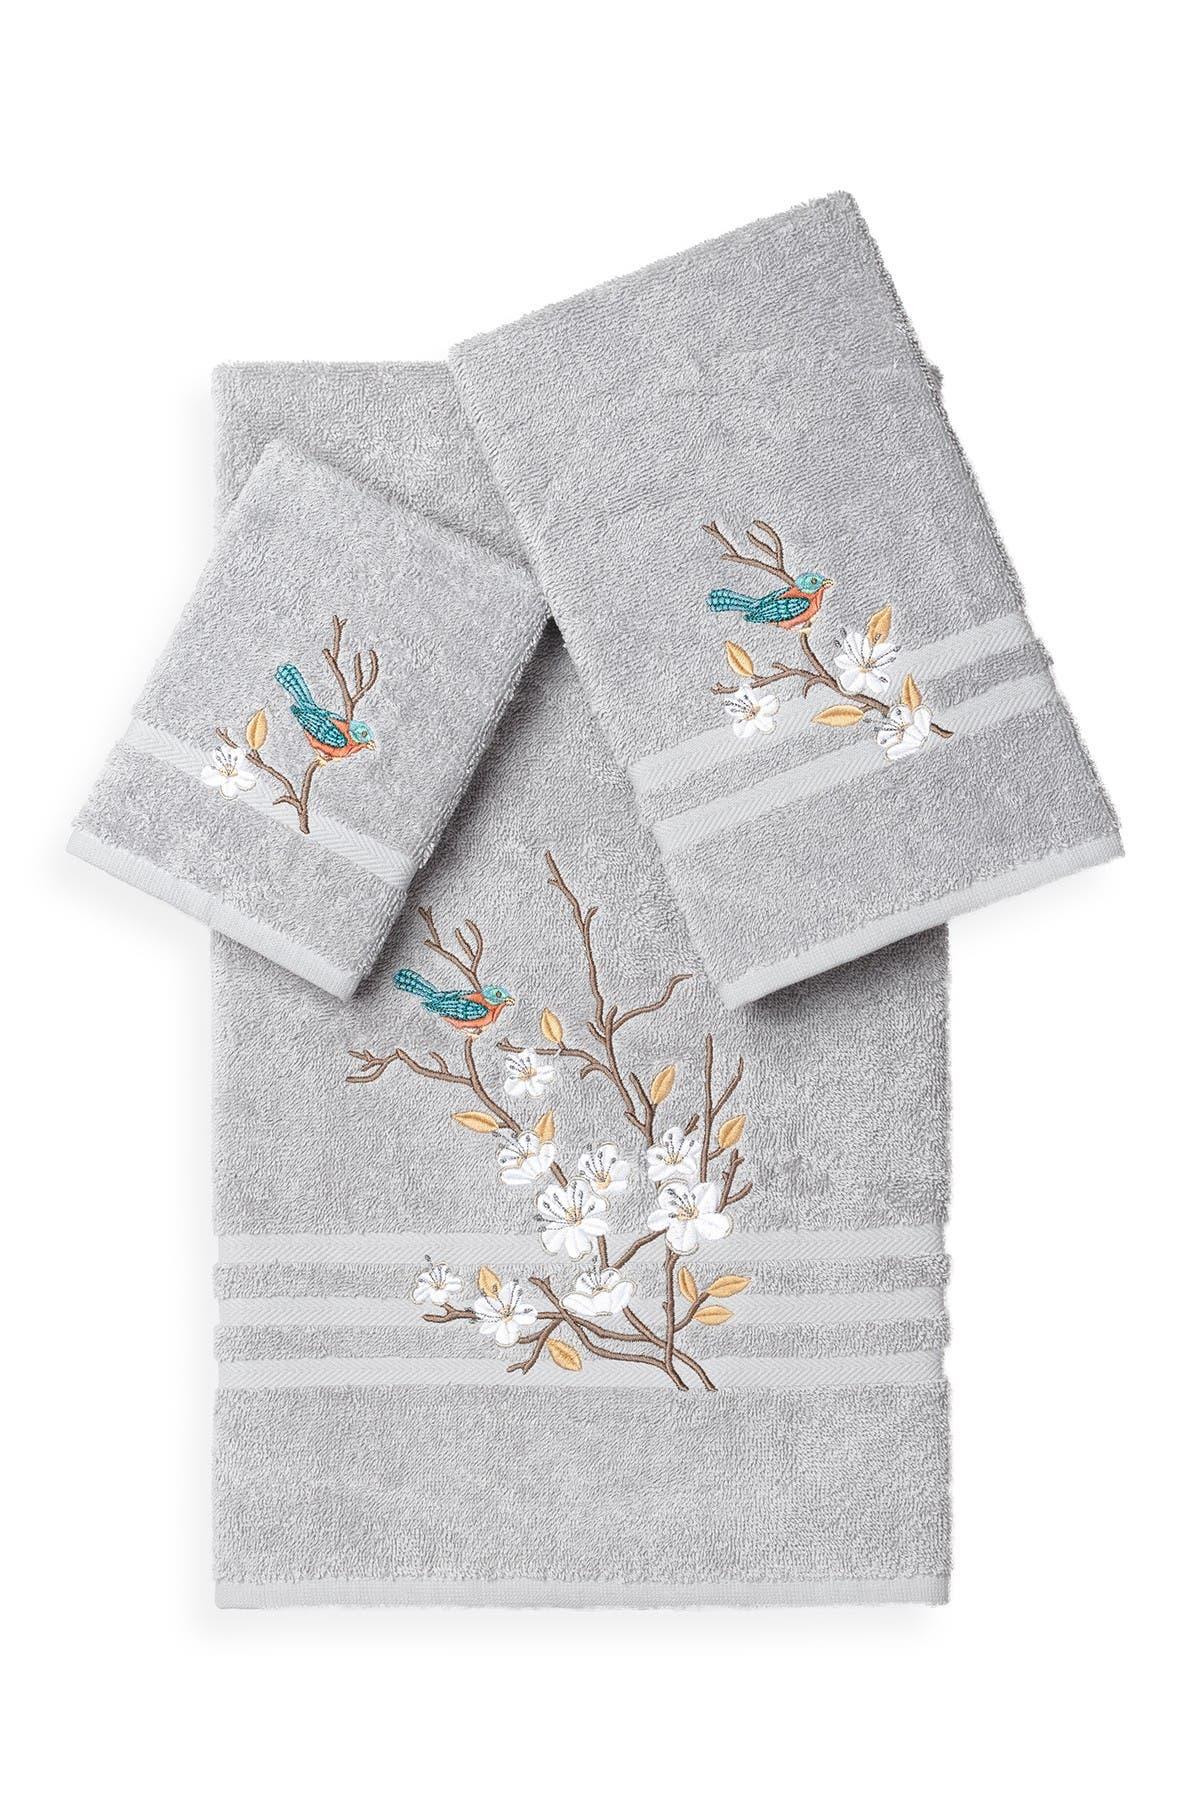 Image of LINUM TOWELS Spring Time 3-Piece Embellished Towel Set - Light Grey